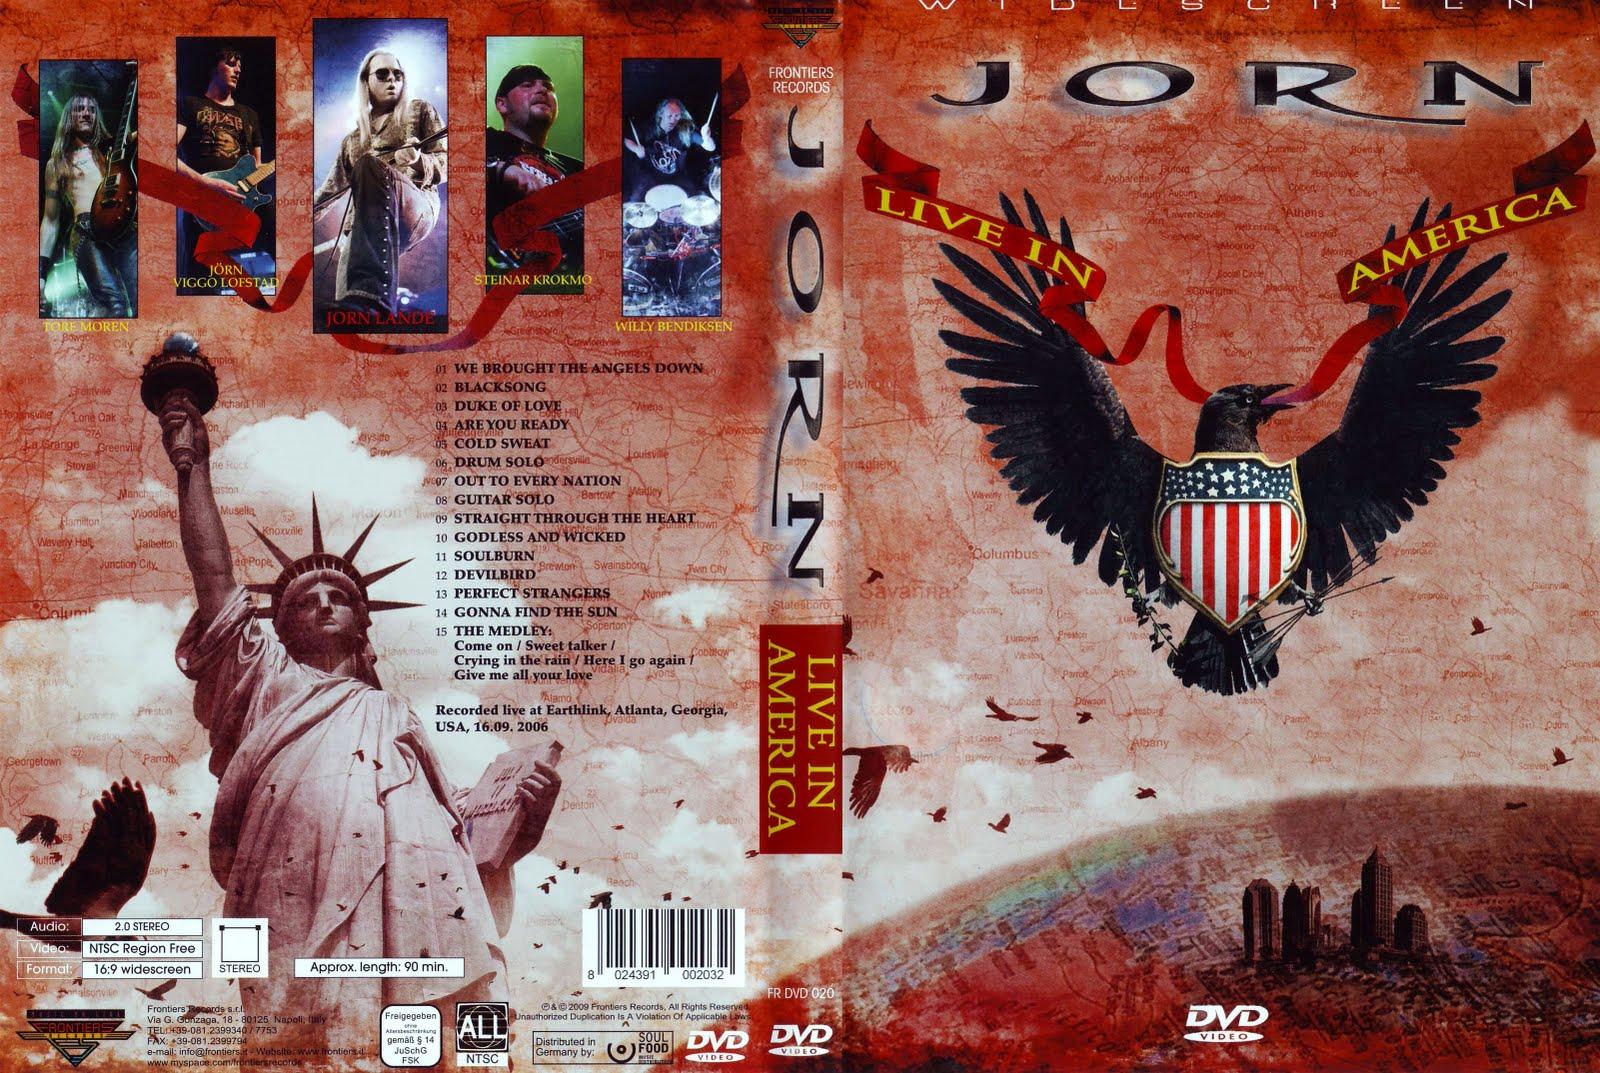 O que se ouve agora? - Página 2 Jorn_-_Live_In_America_-_Cover